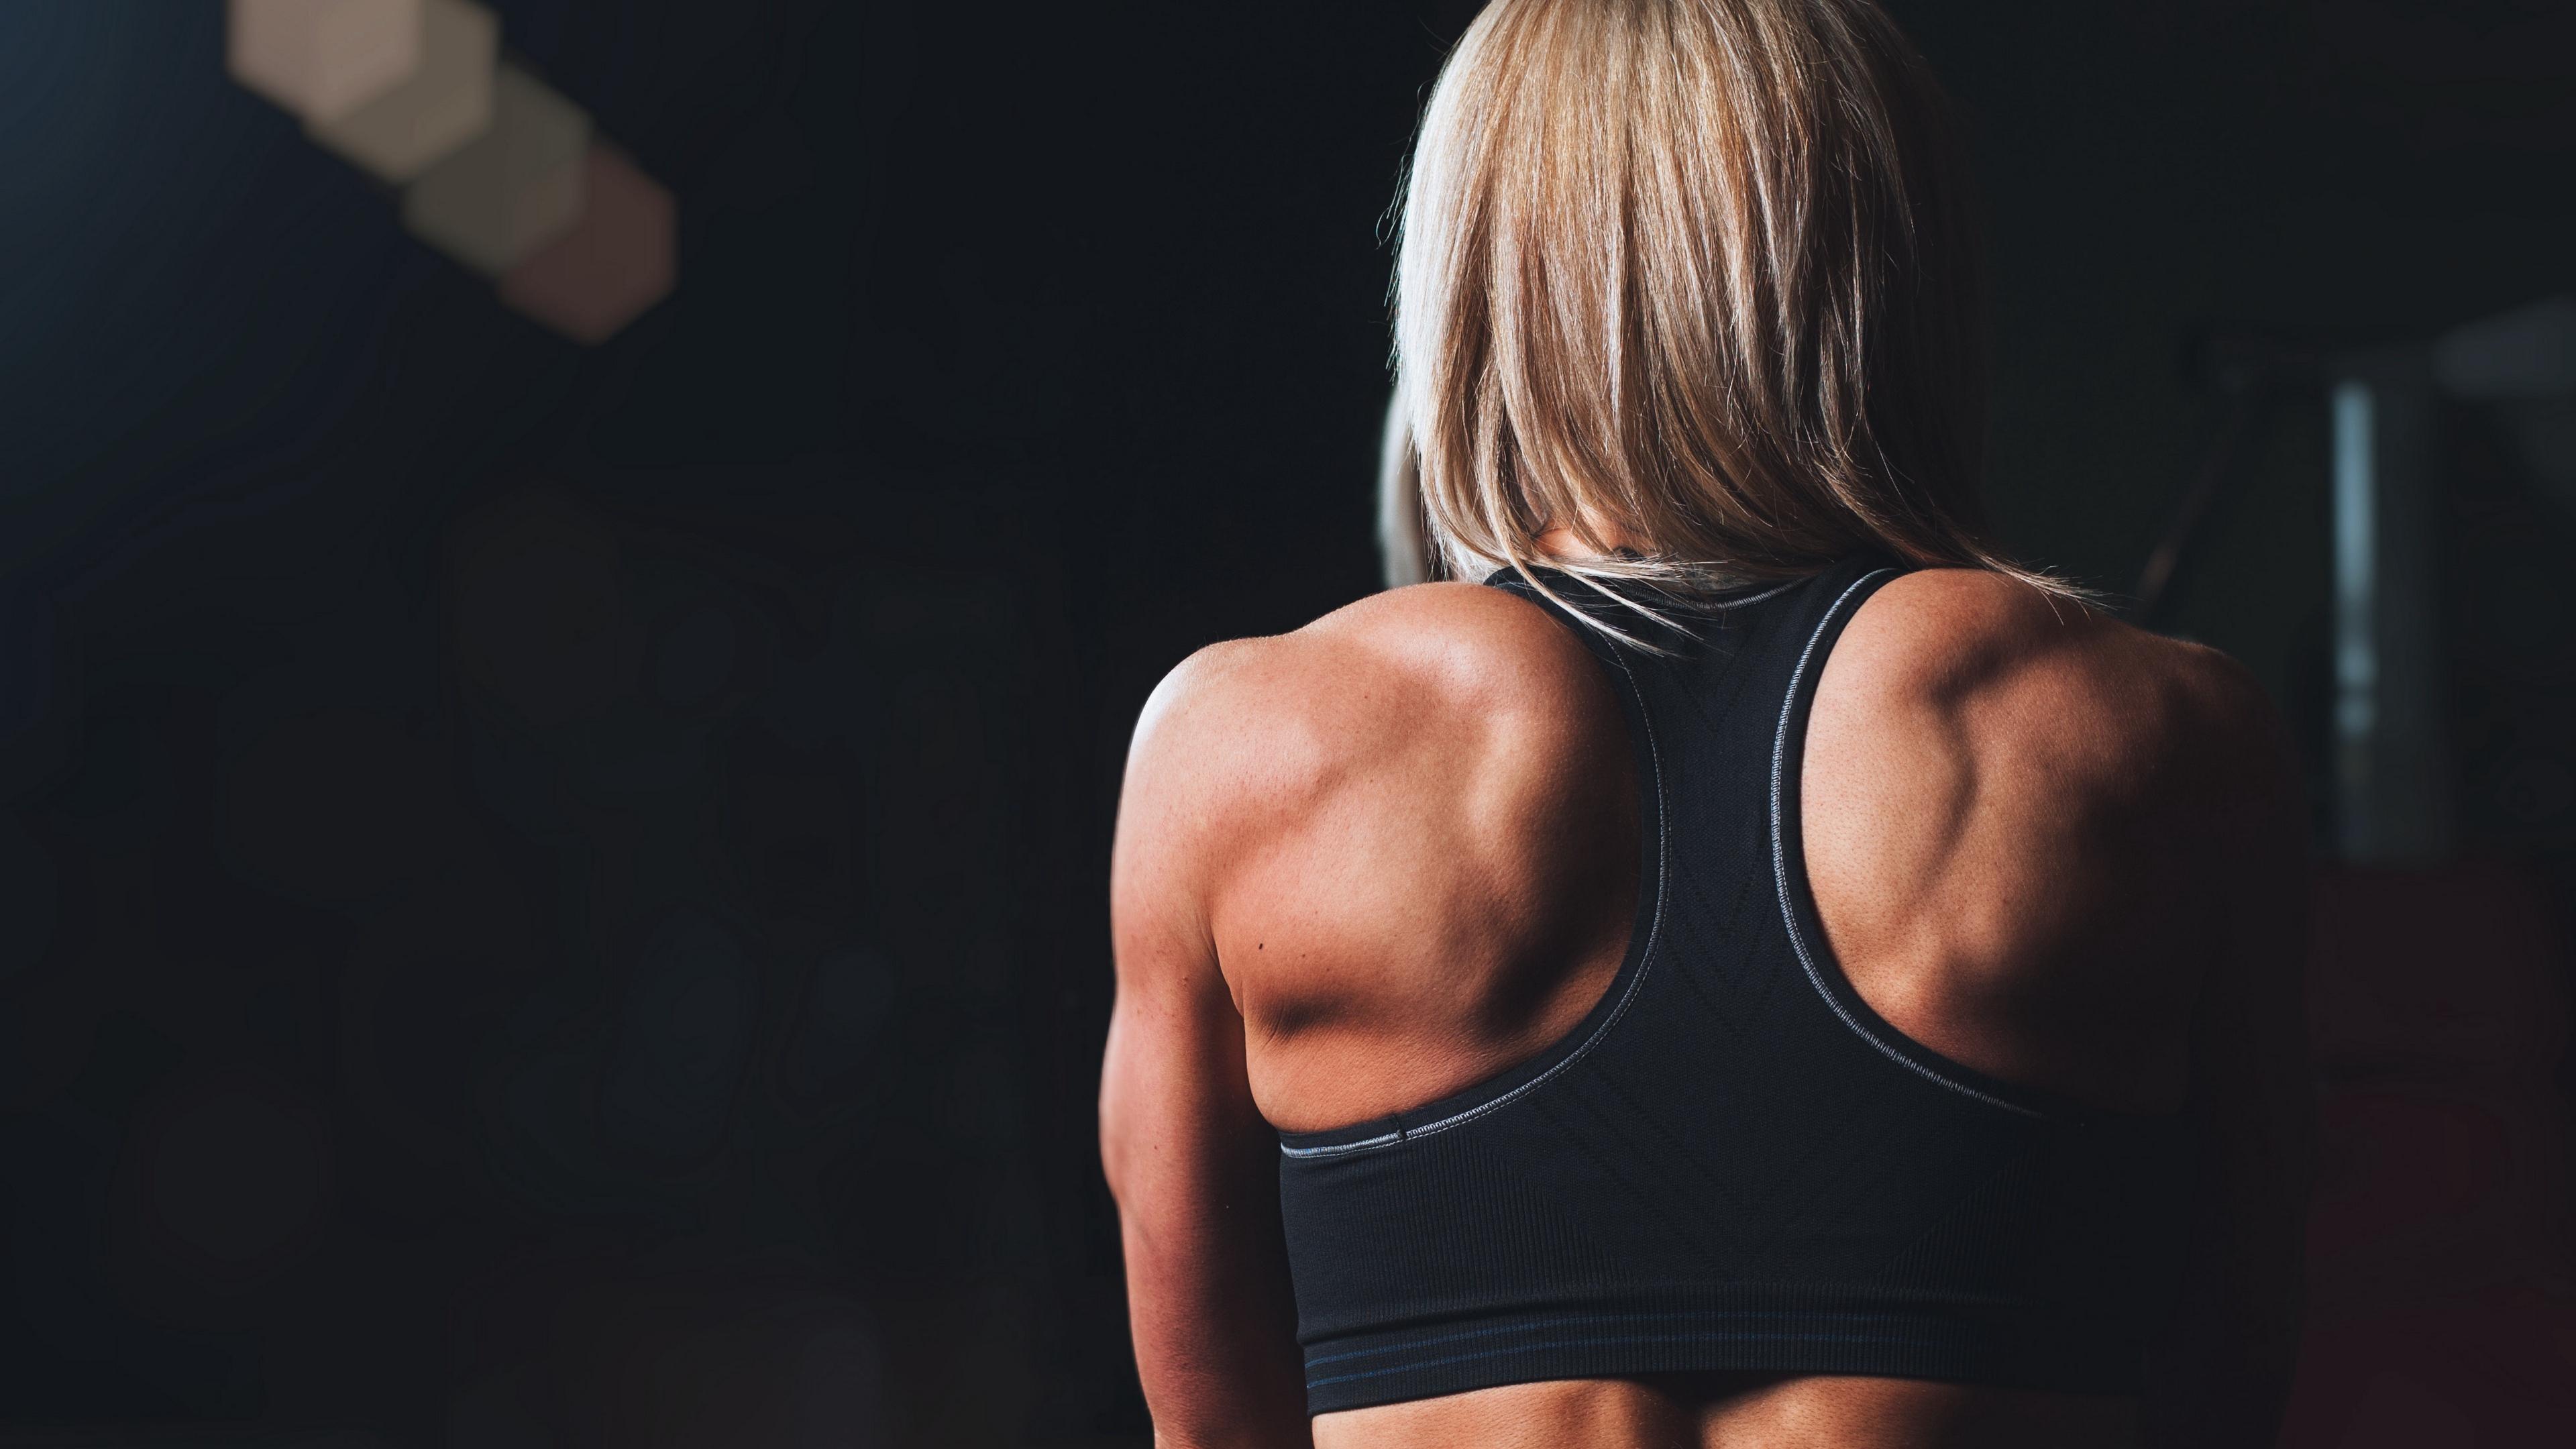 crossfit back girl muscles athlete 4k 1540063067 - crossfit, back, girl, muscles, athlete 4k - Girl, crossfit, Back